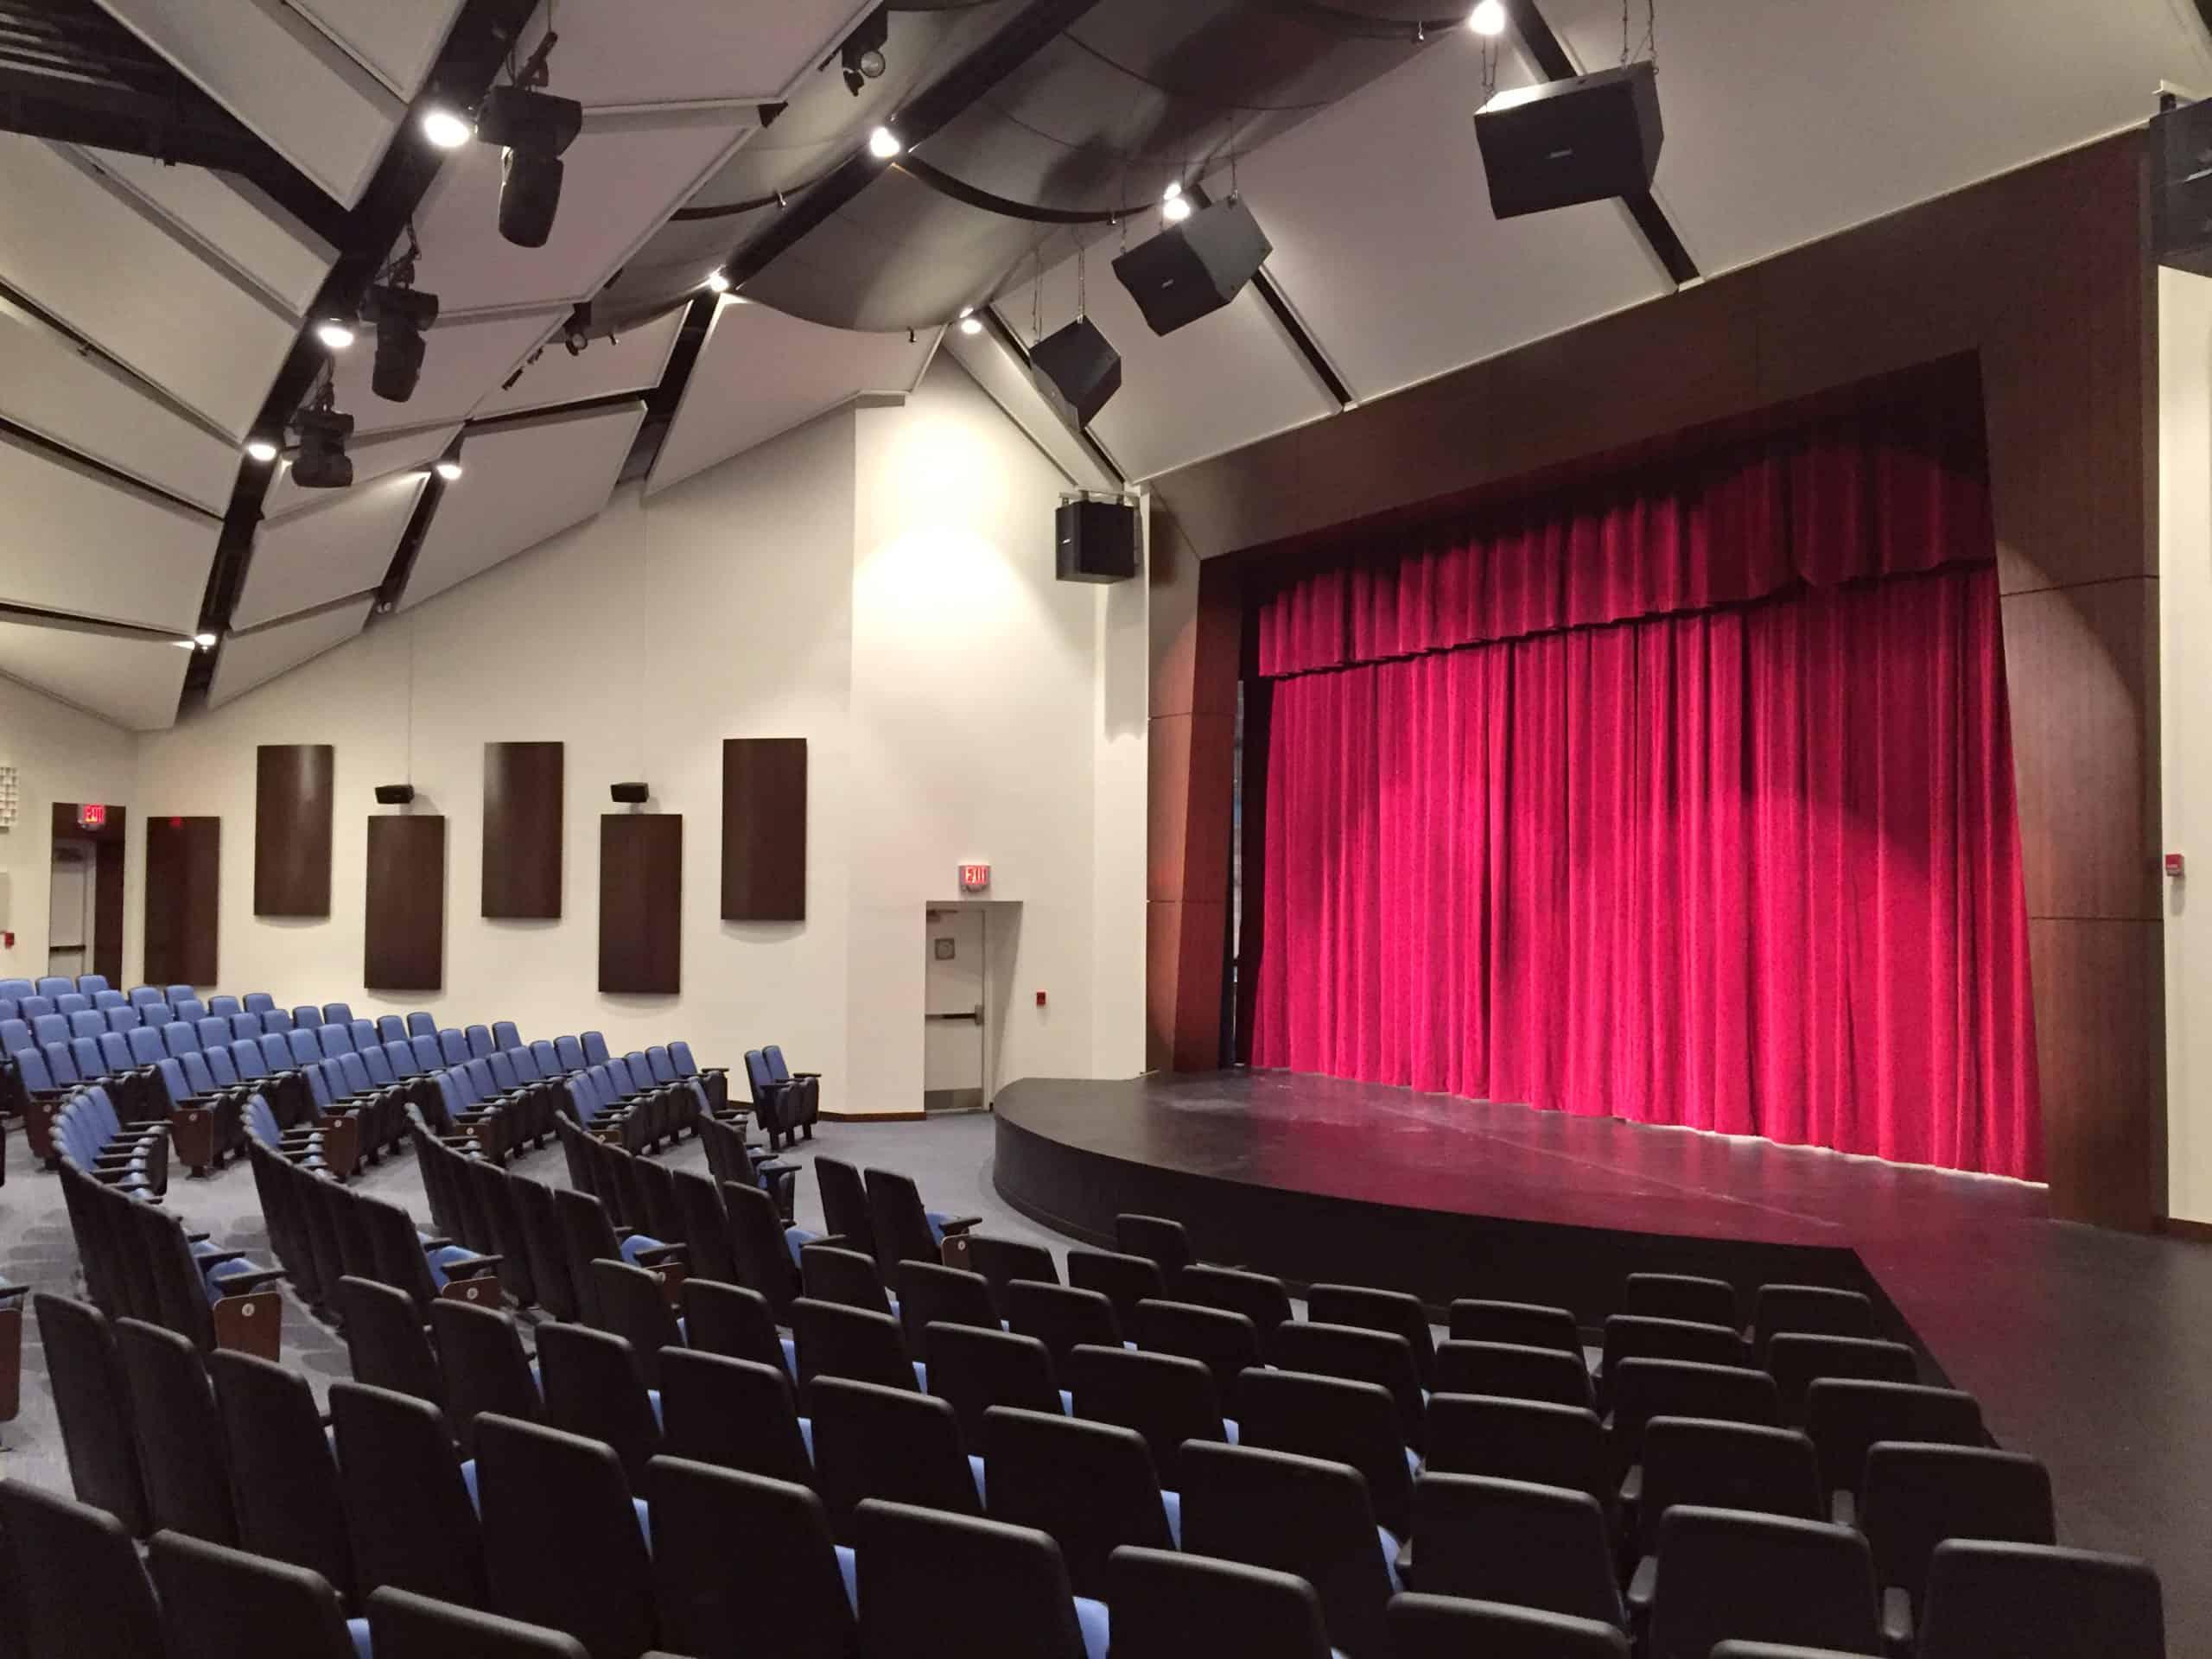 MSCC Powers Auditorium